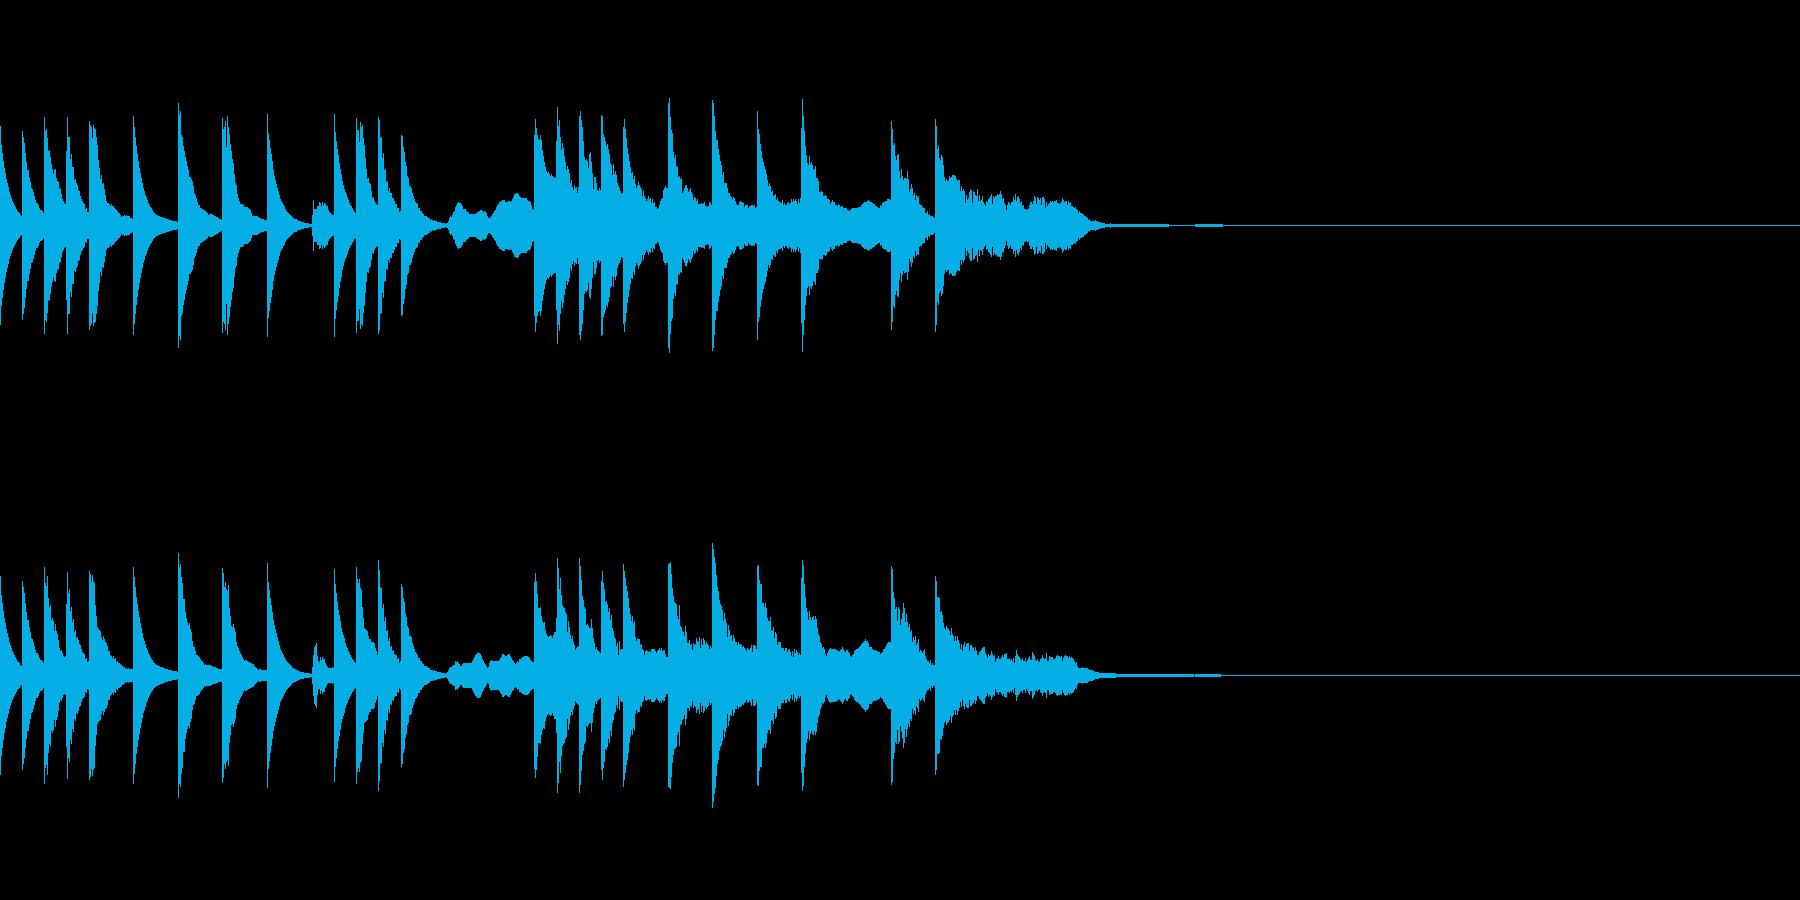 ふわふわとしたメルヘンチックなジングルの再生済みの波形